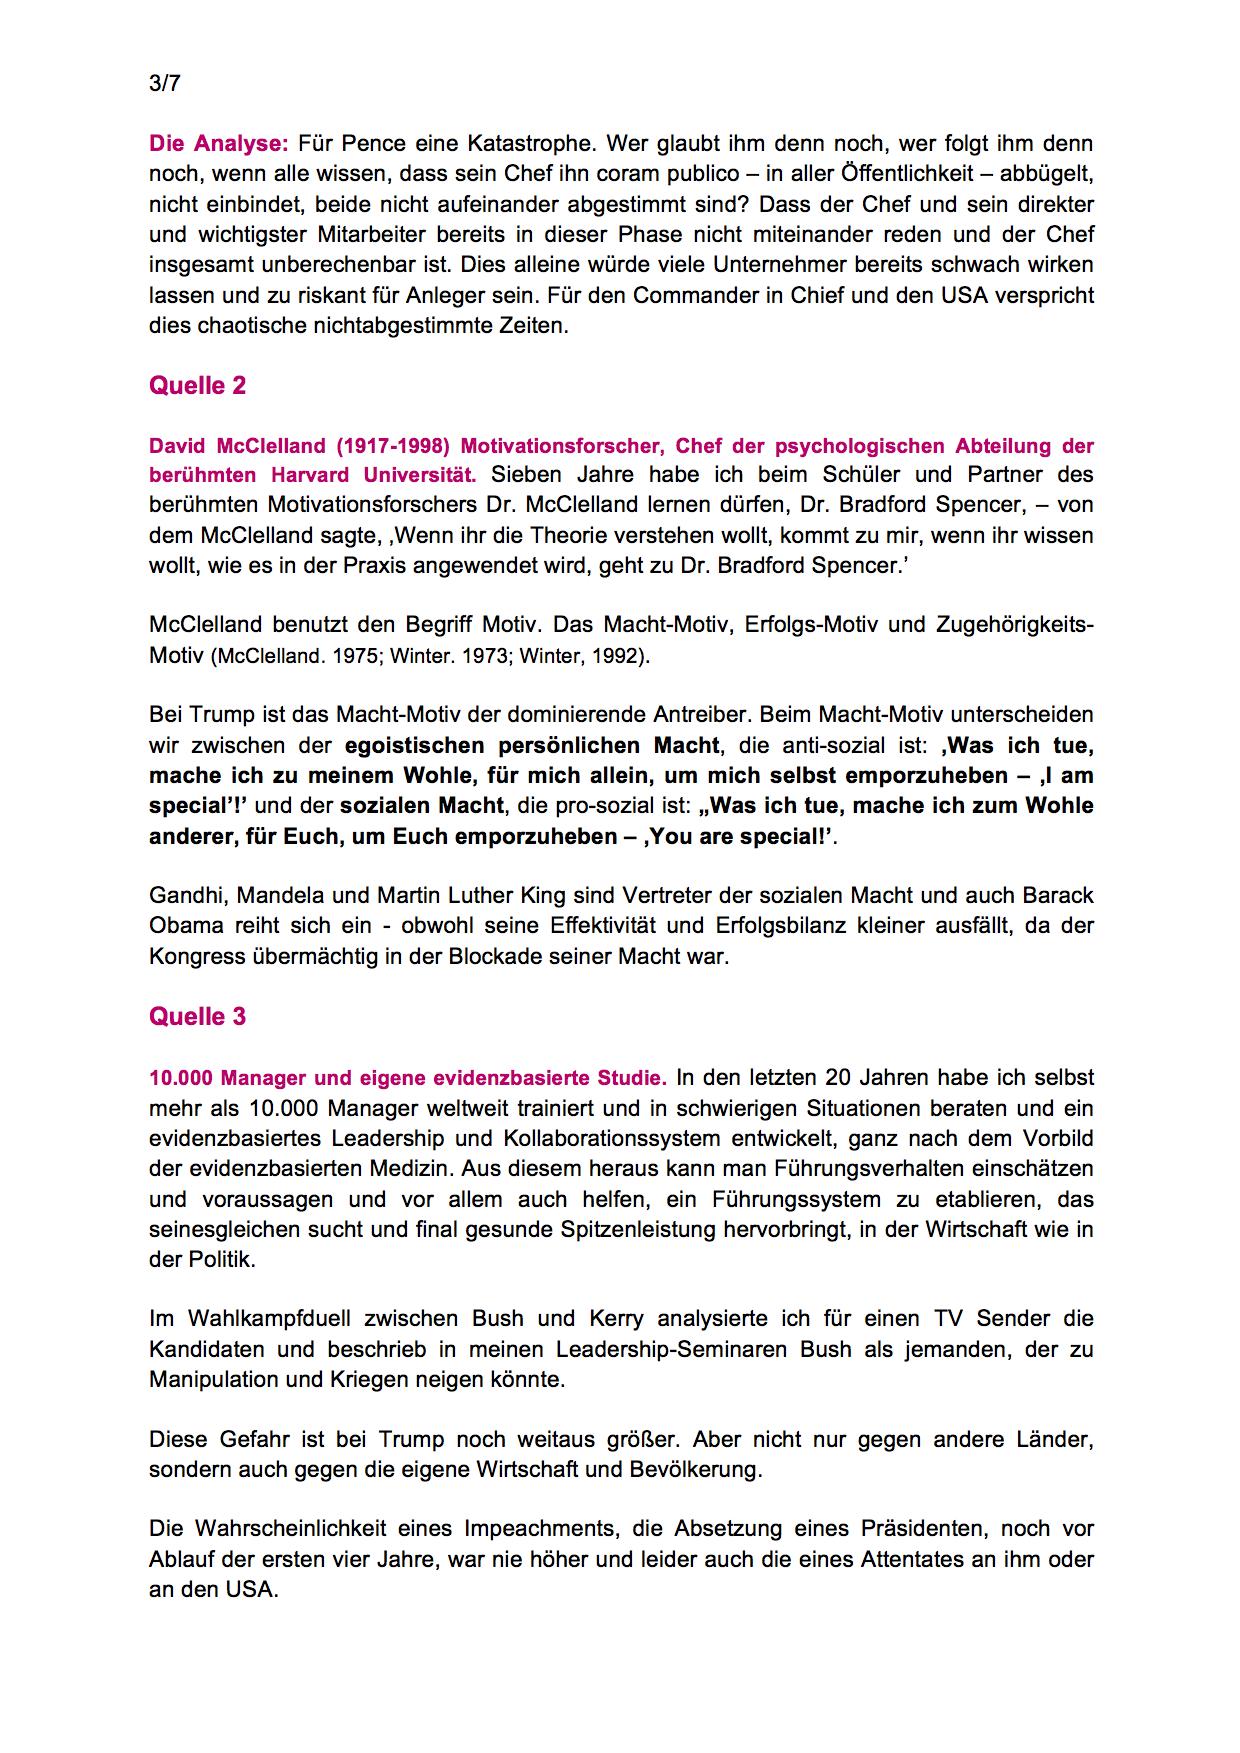 Der Artikel press articles global leadership school1